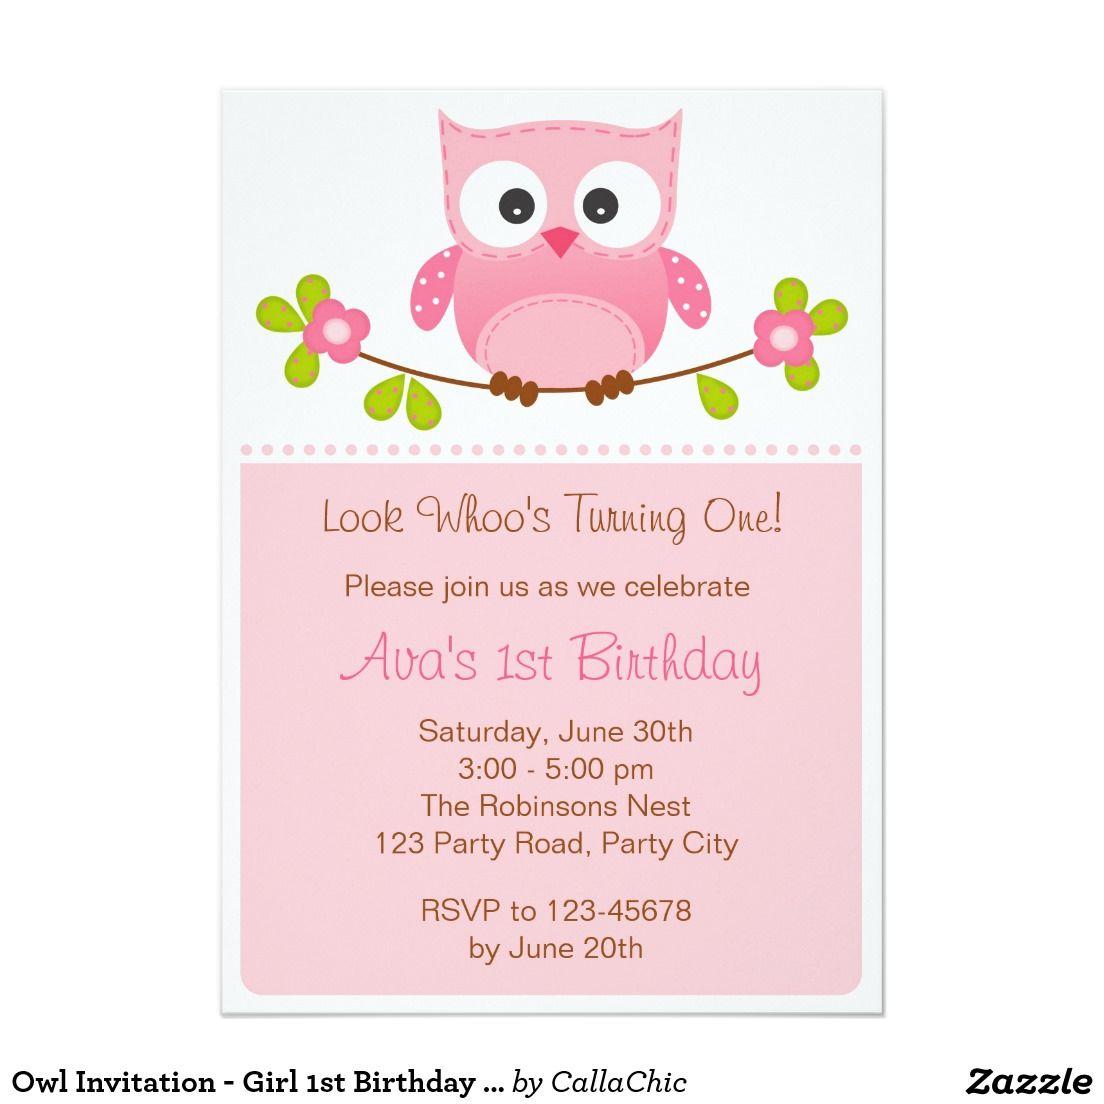 Owl Invitation - Girl 1st Birthday / Baby Shower   Owl invitations ...